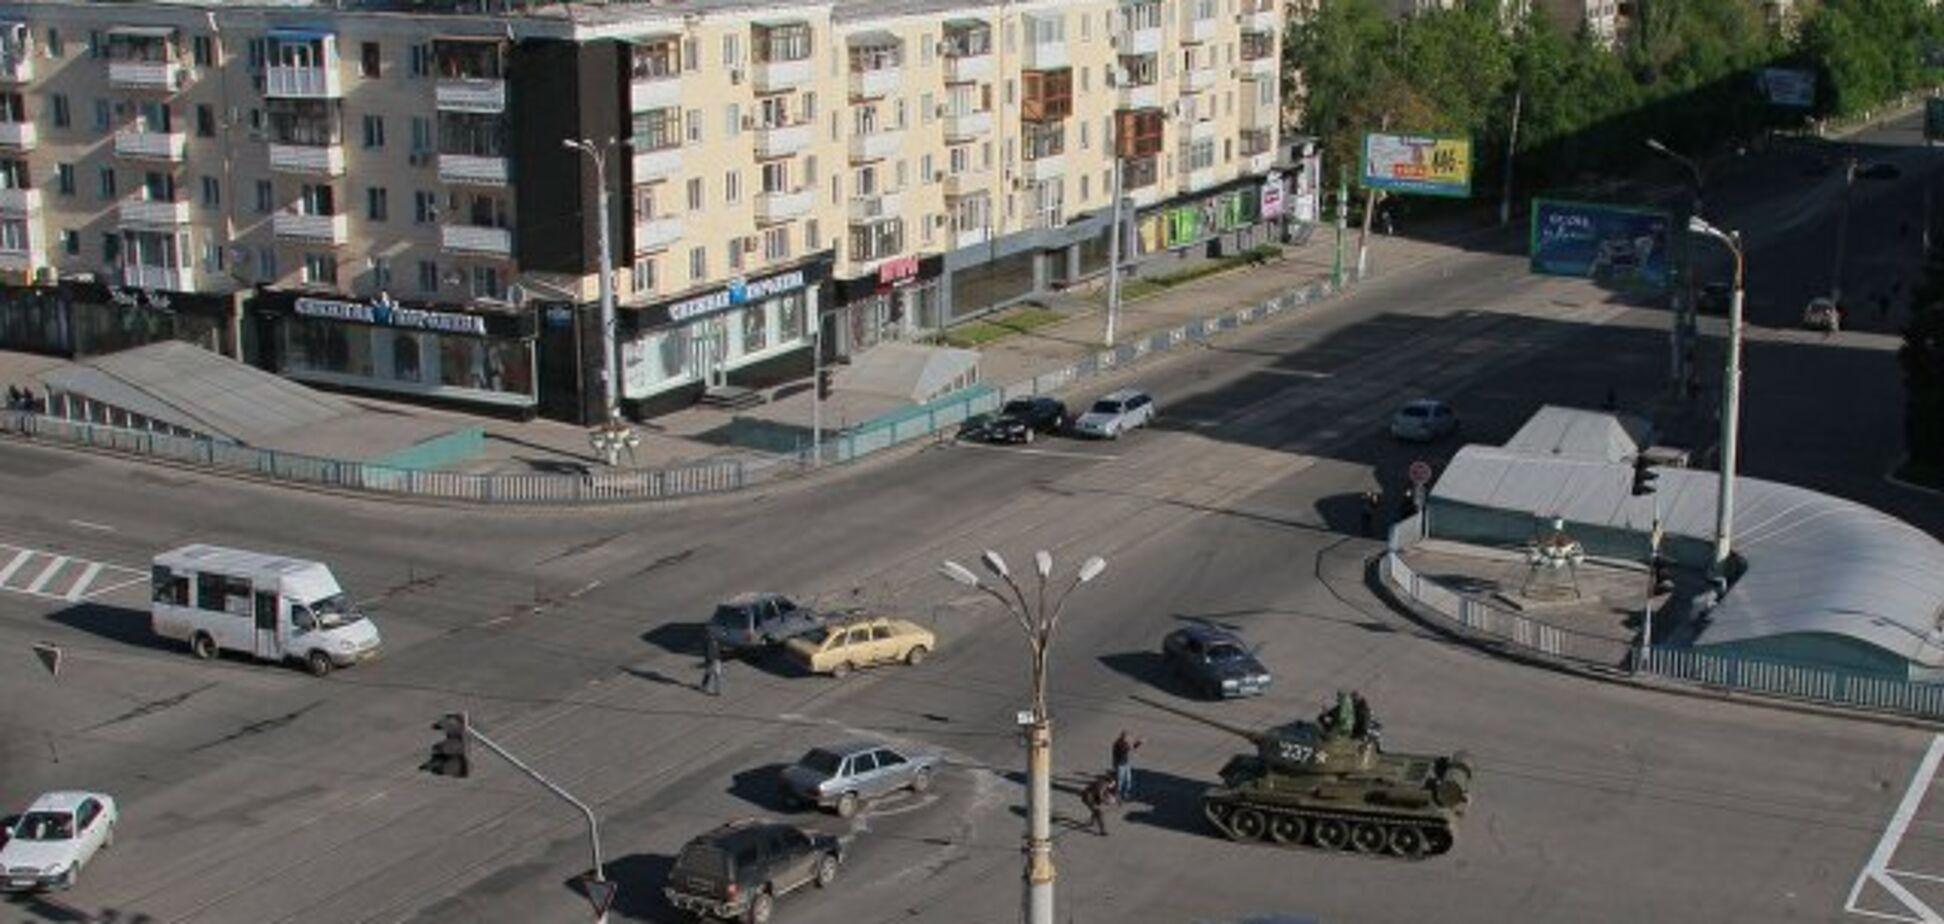 Звинуватили 'українську ДРГ': в центрі окупованого Луганська прогримів потужний вибух